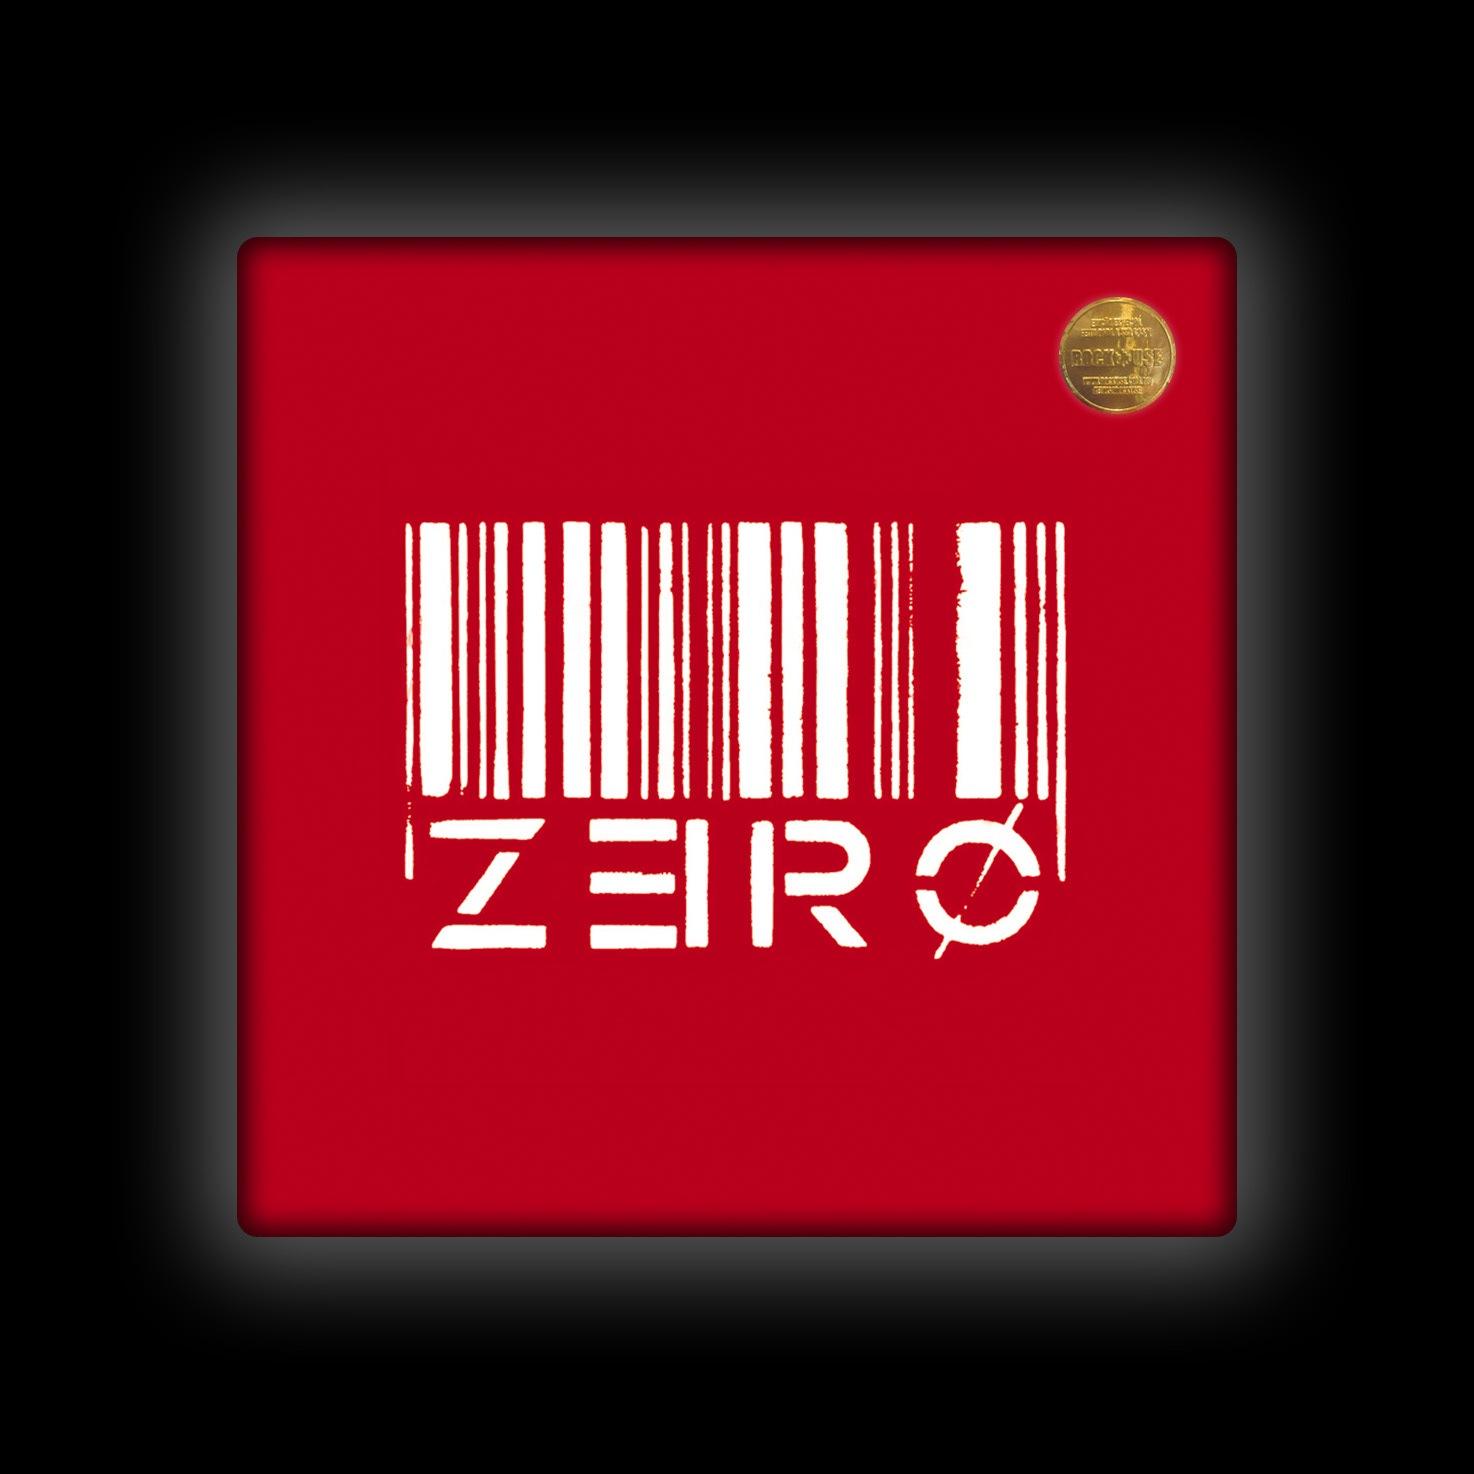 Capa de Almofada Zero - Code Zero (Vermelha)